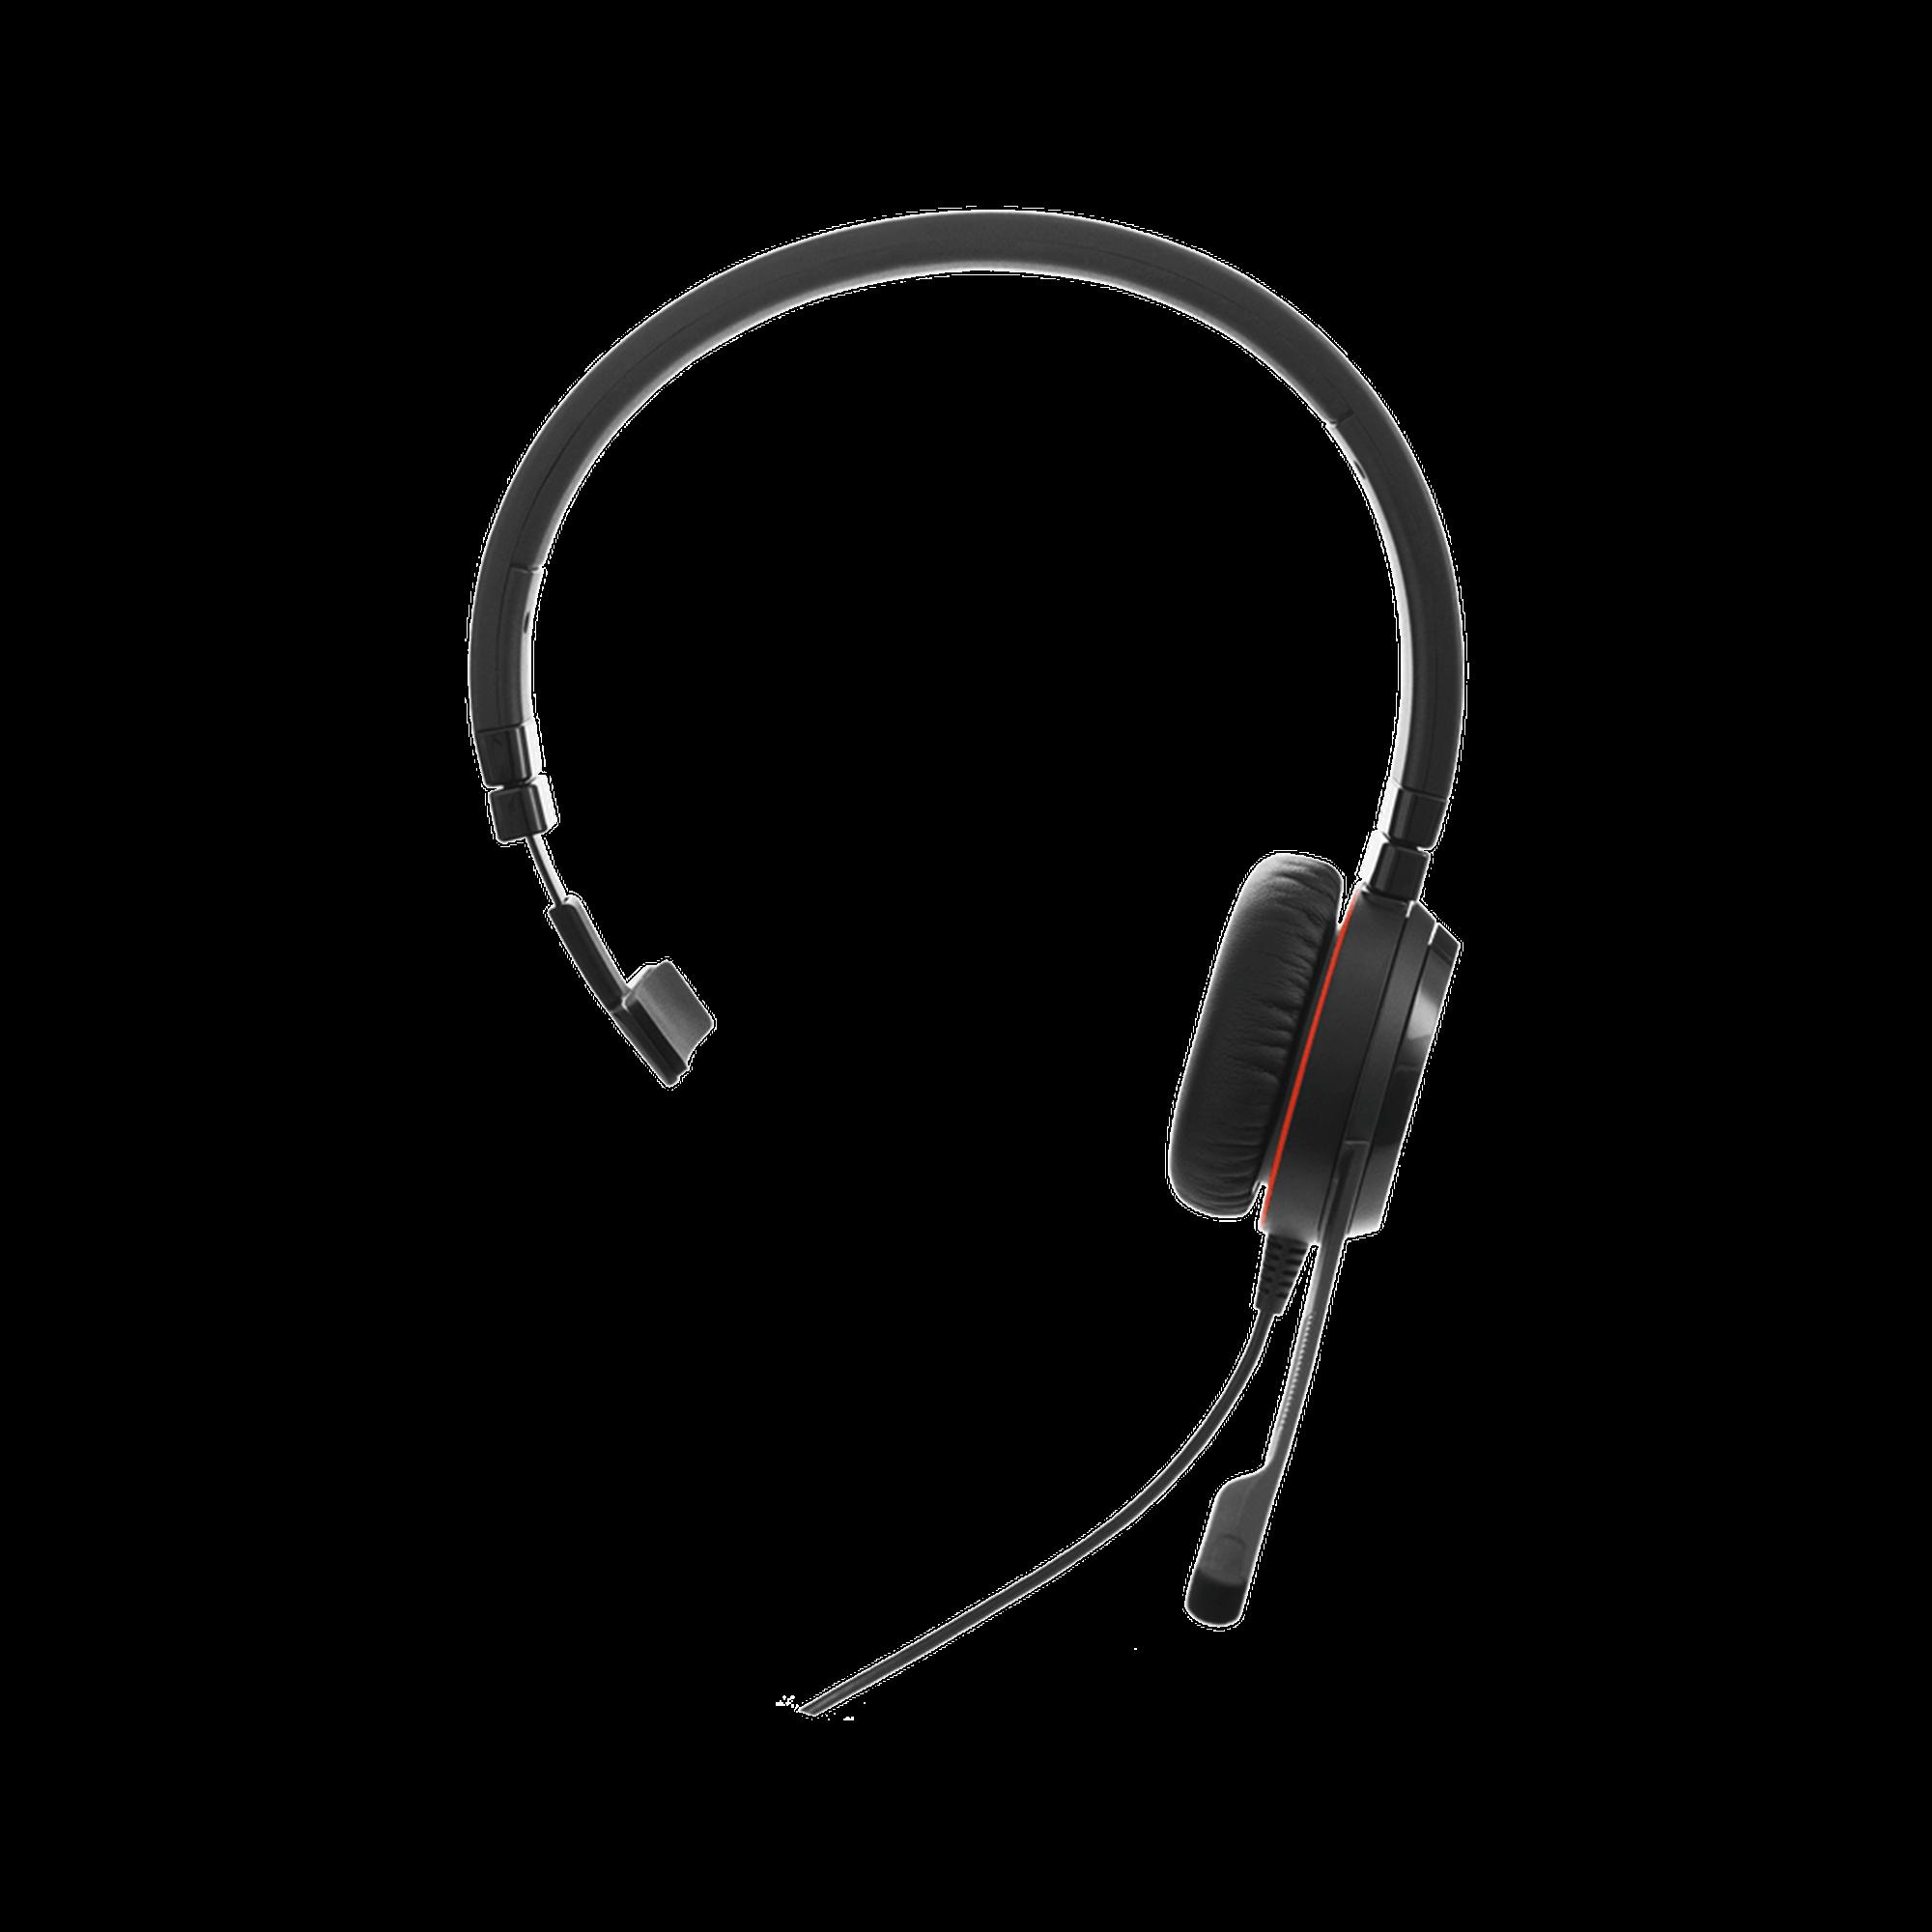 Jabra Evolve 30 Mono con conexion USB / 3.5mm, microfono con cancelacion de ruido y controlador en el cable con botones e indicadores LED, Certificacion Microsoft Teams (5399-823-309)